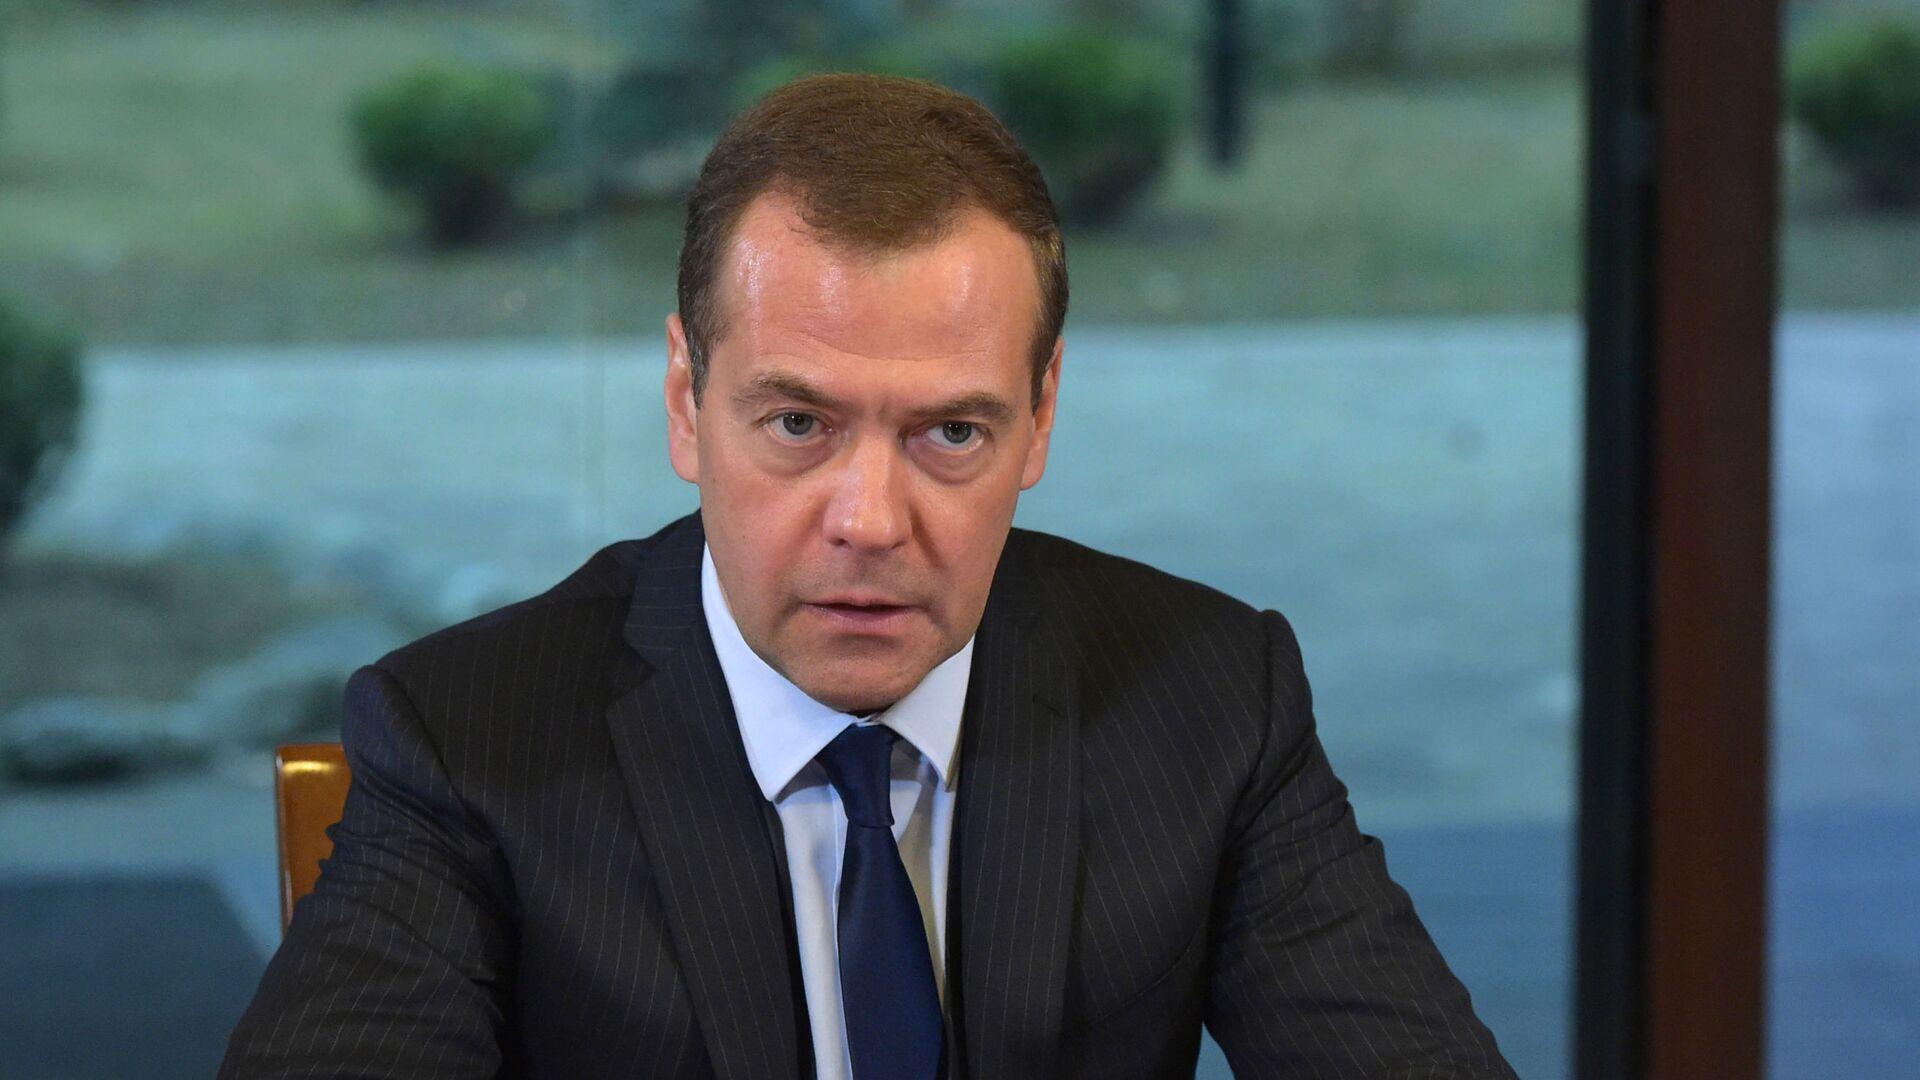 Председатель правительства РФ Дмитрий Медведев во время встречи с руководством фракции Единая Россия в Государственной думе Р - Sputnik Česká republika, 1920, 28.04.2021